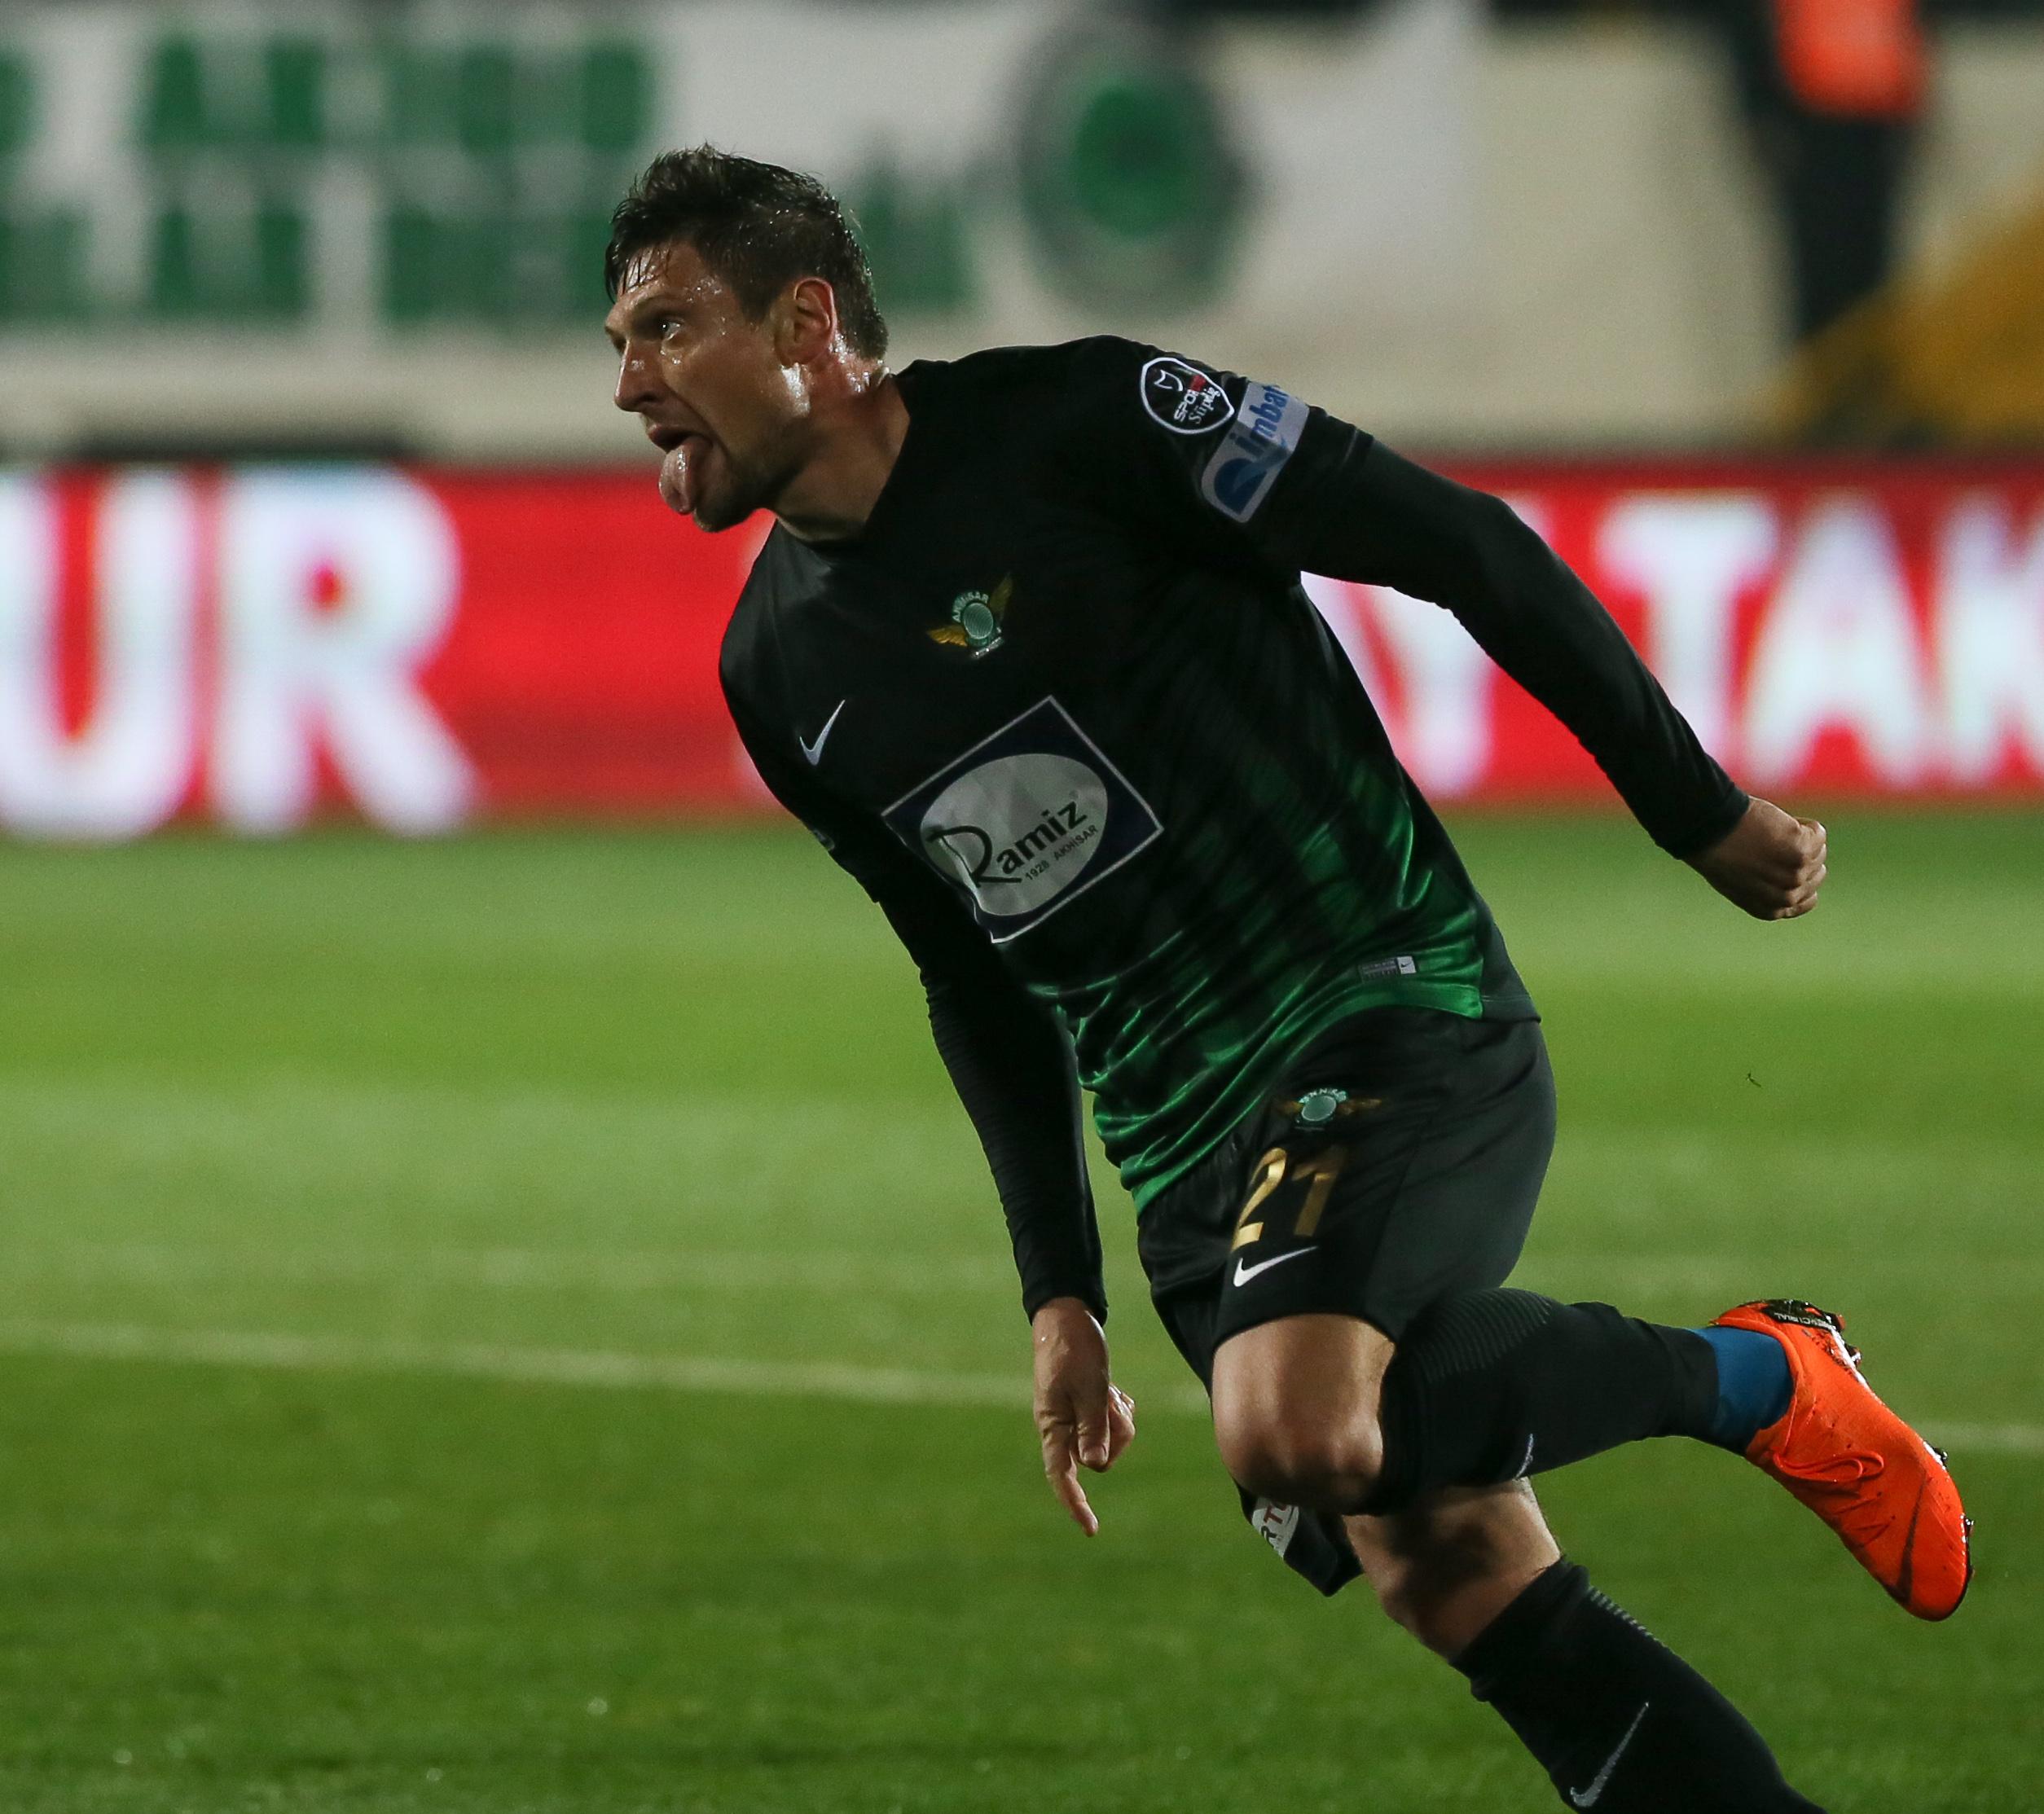 Yevhen Seleznyov Akhisarspor Konyaspor 02/23/18